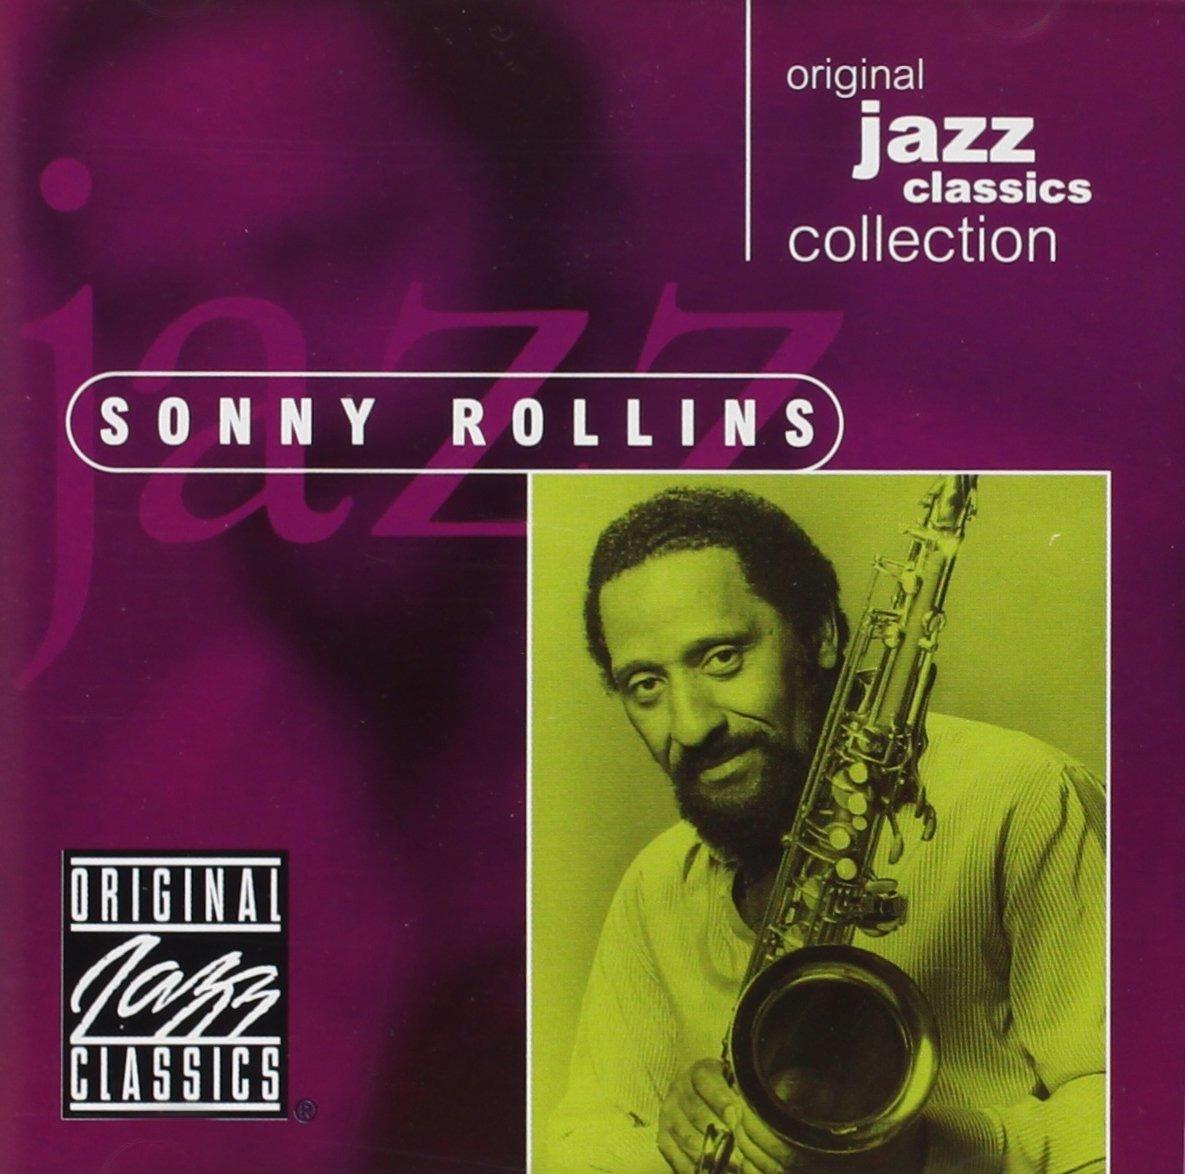 Sonny Rollins - Sonny Rollins - Musik - Ojc - 0029667880527 - November 19, 2013